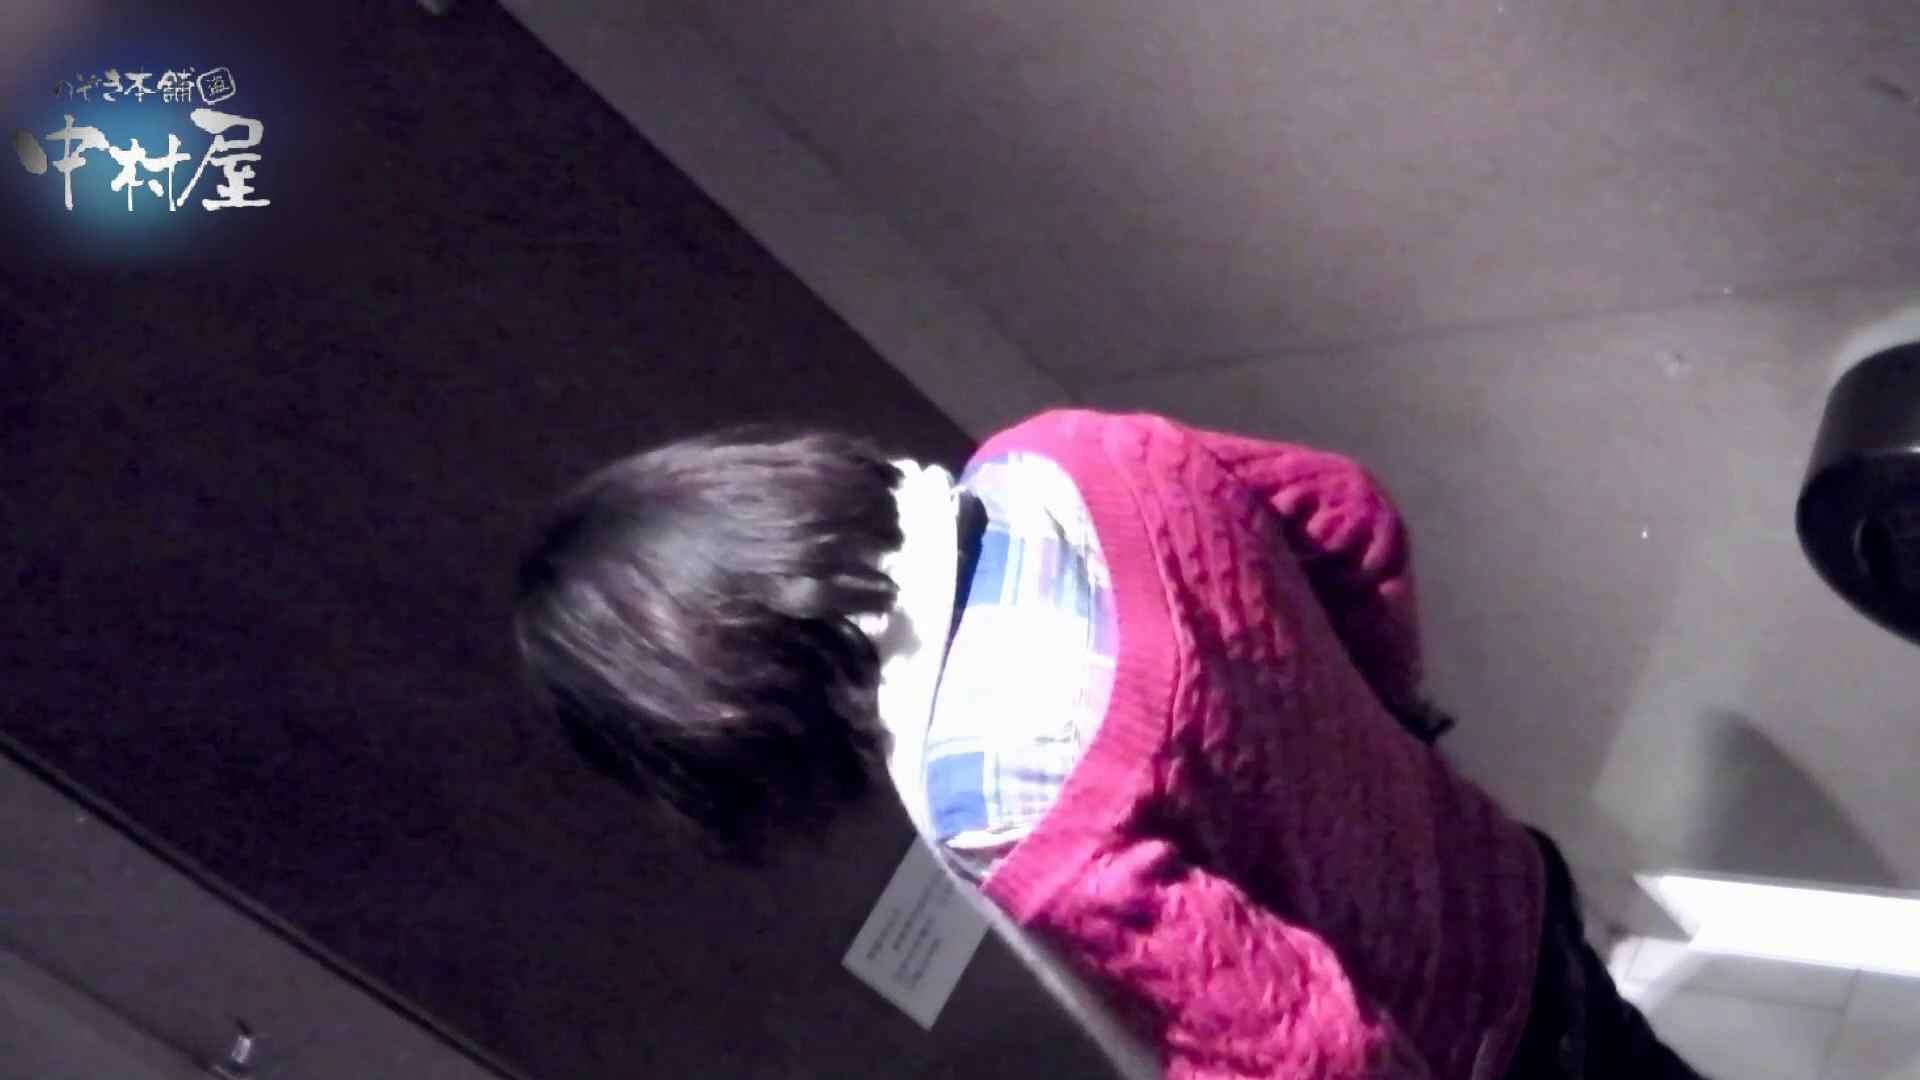 乙女集まる!ショッピングモール潜入撮vol.07 丸見え 隠し撮りセックス画像 102画像 71